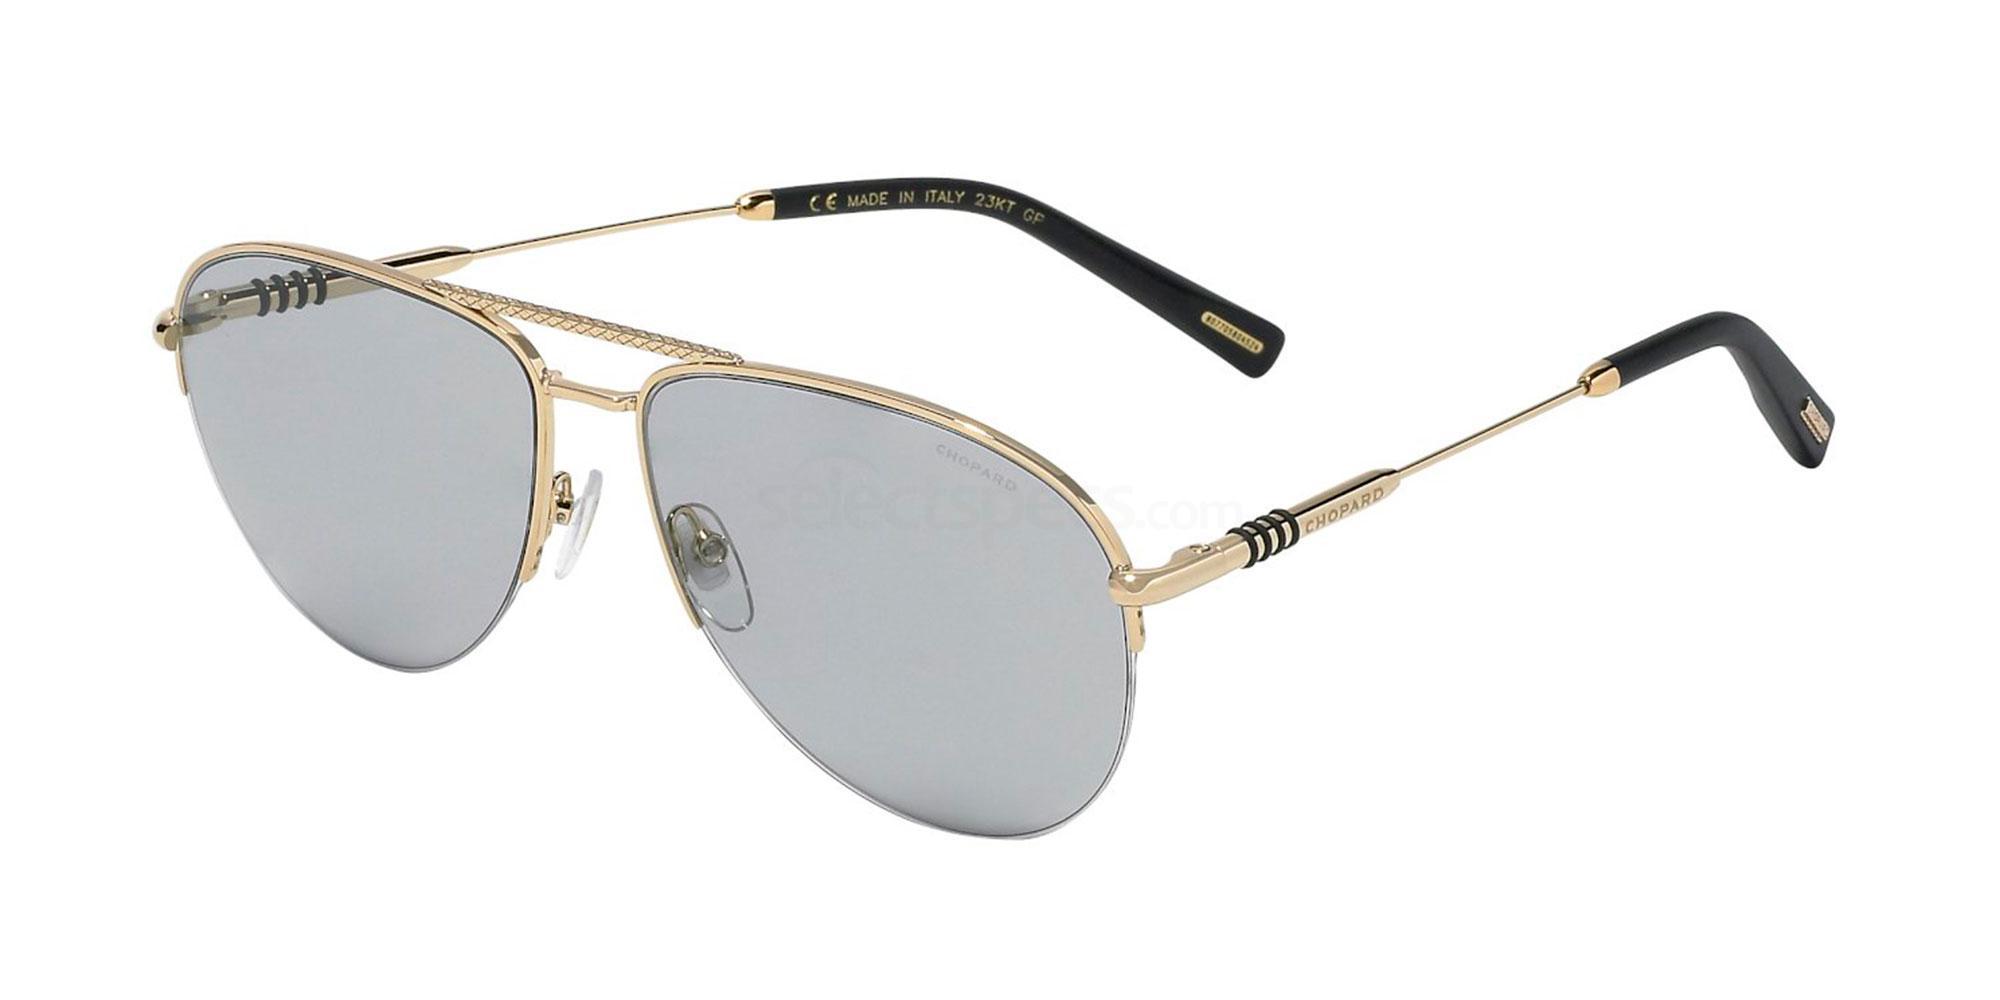 300F SCHD38V Sunglasses, Chopard